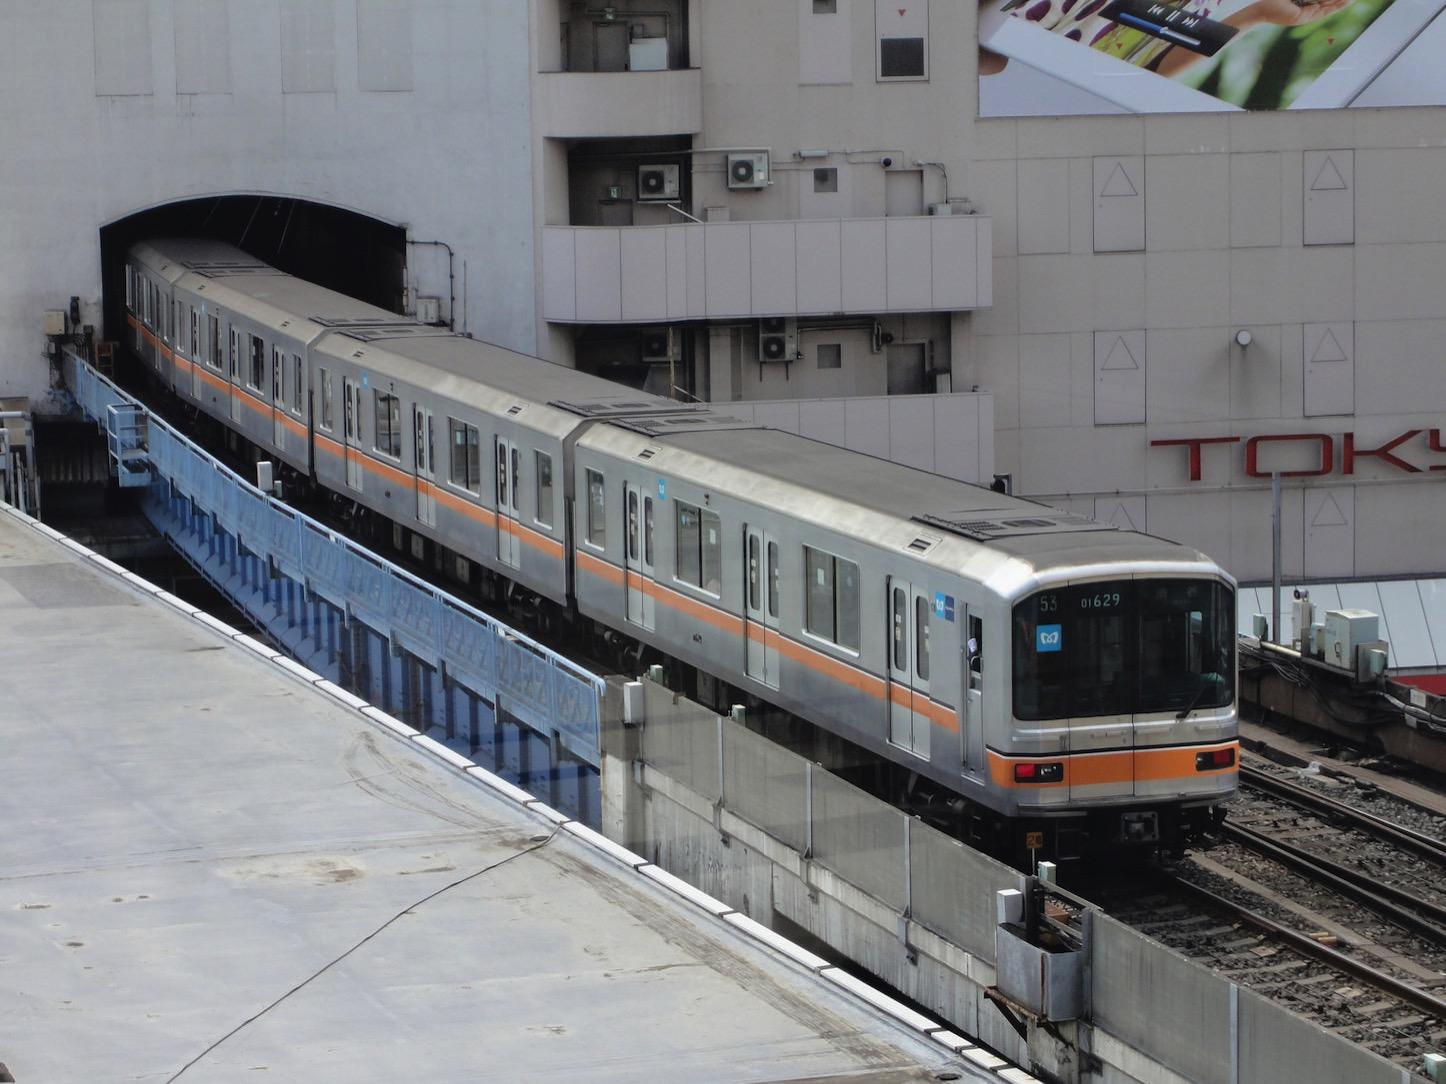 Gizna Line in Shibuya